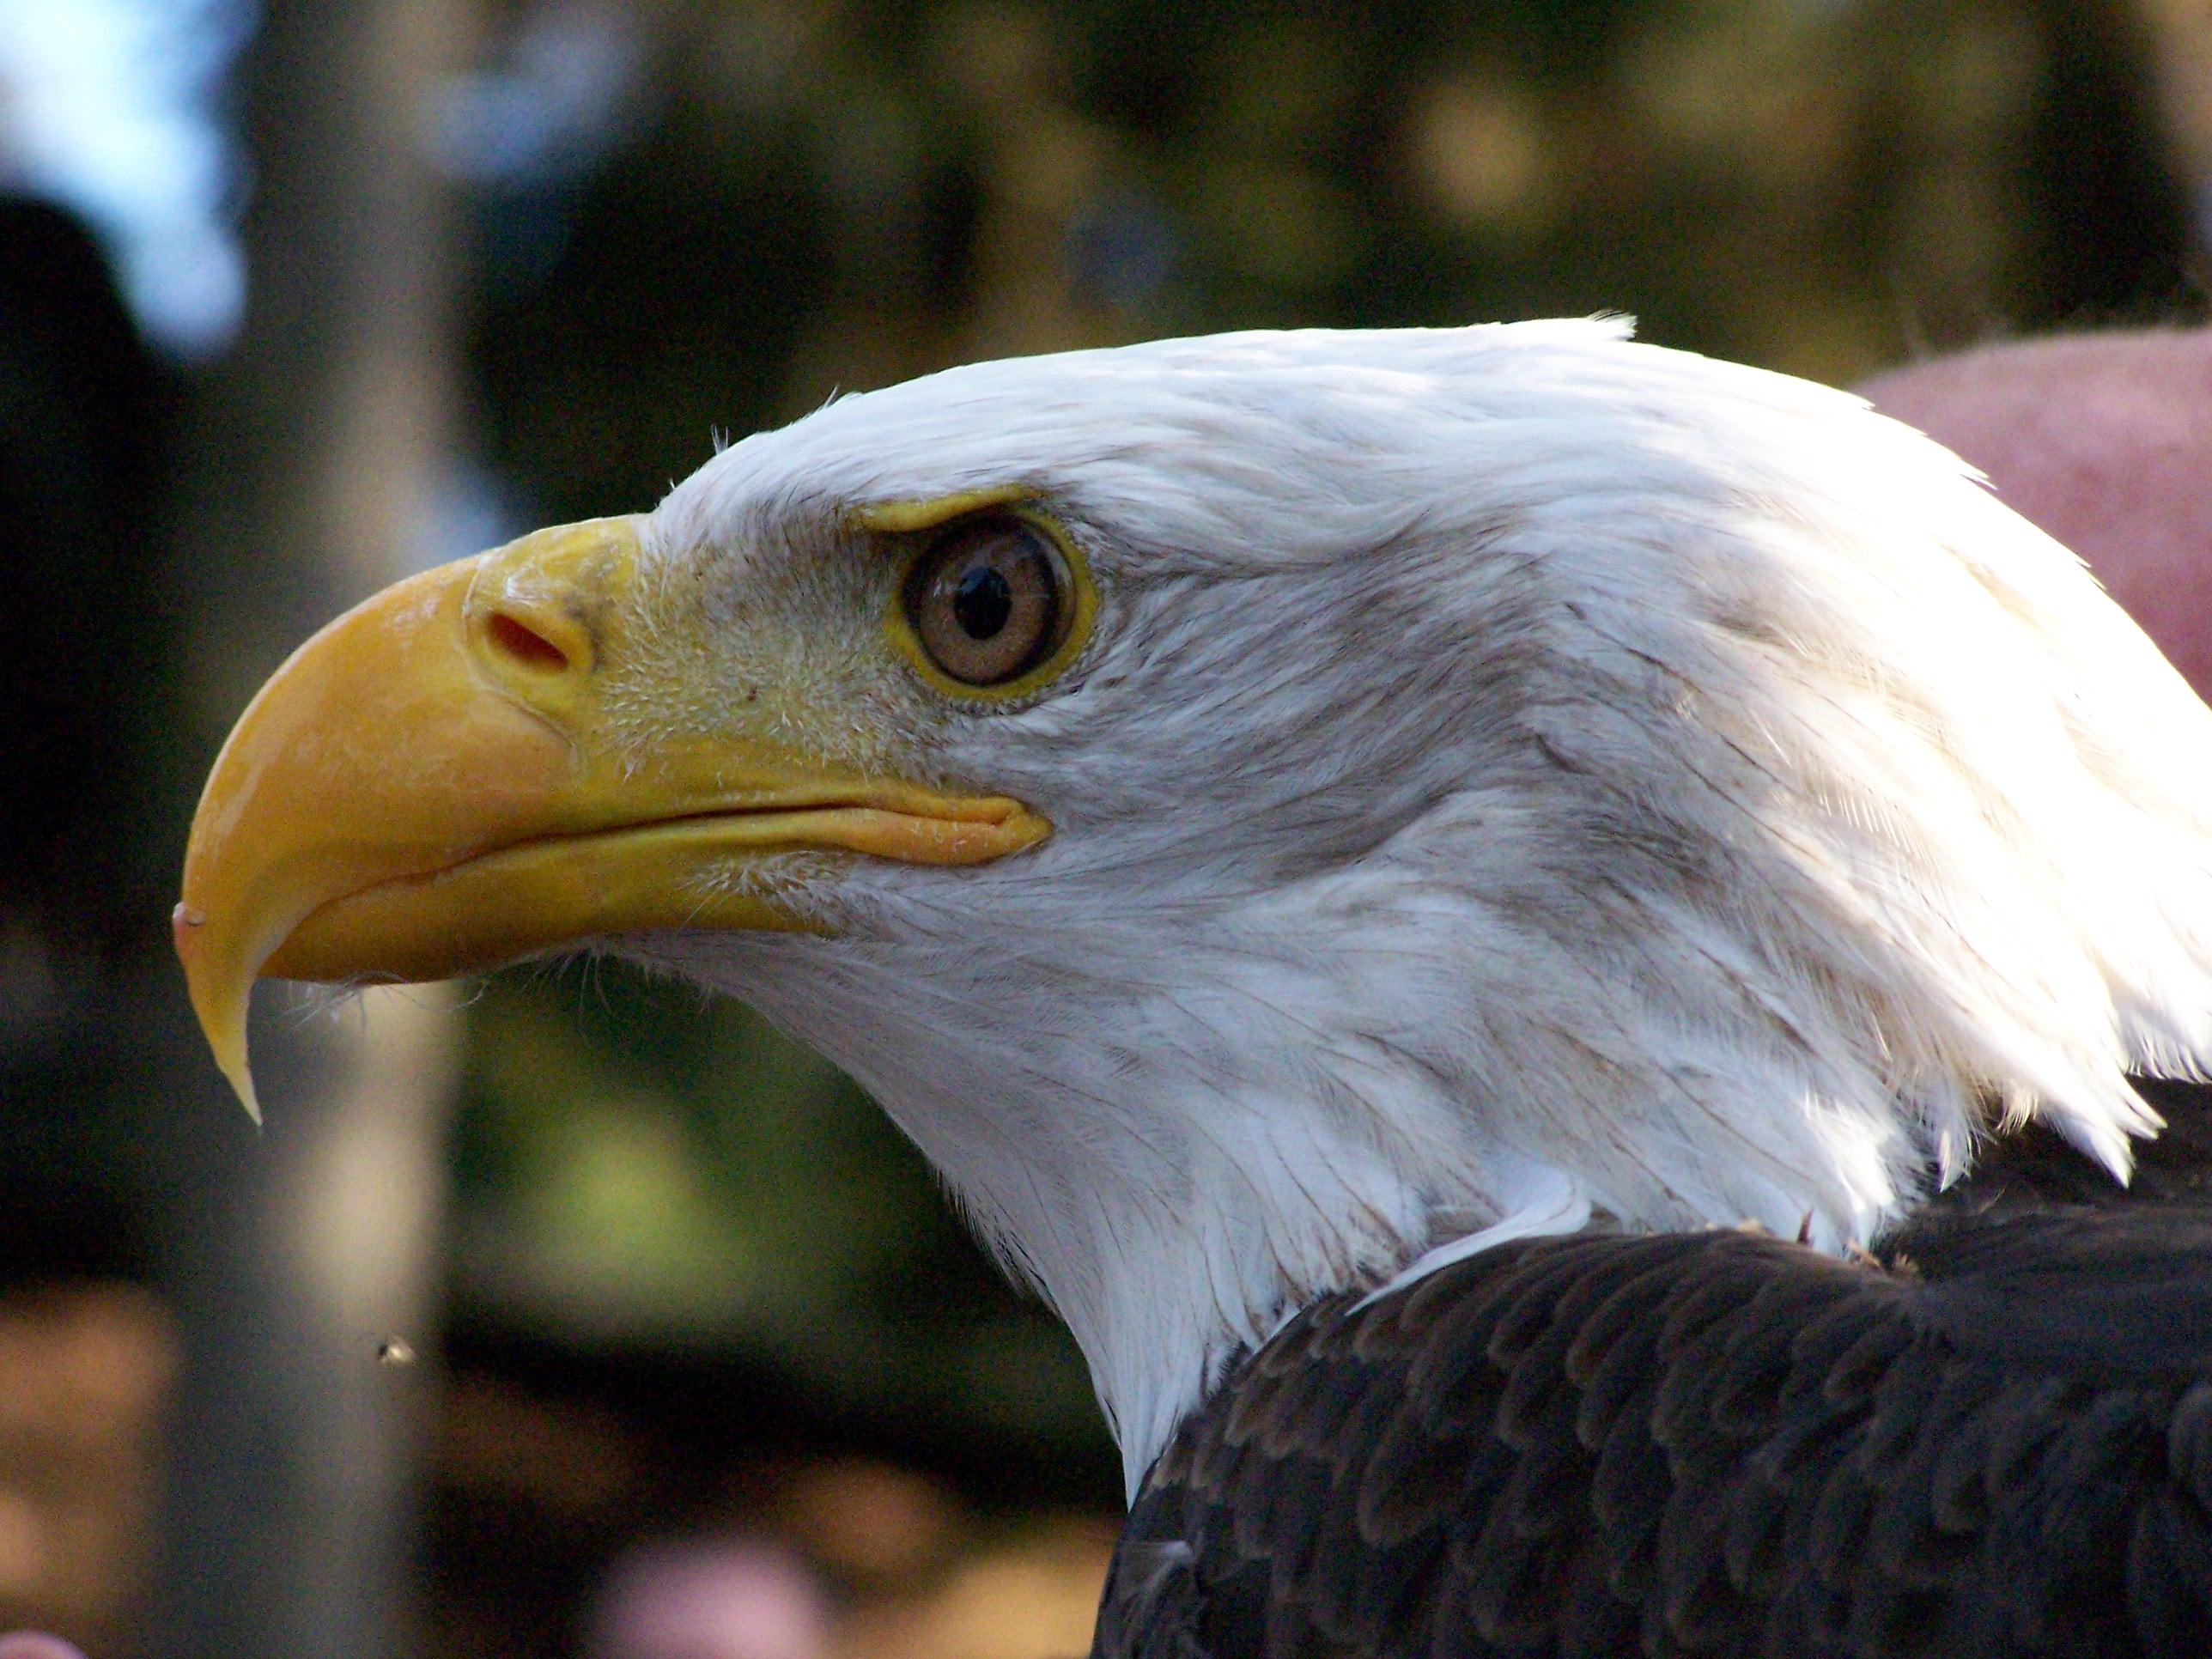 Must see   Wallpaper Horse Eagle - Bald_Eagle  Photograph_18522.JPG